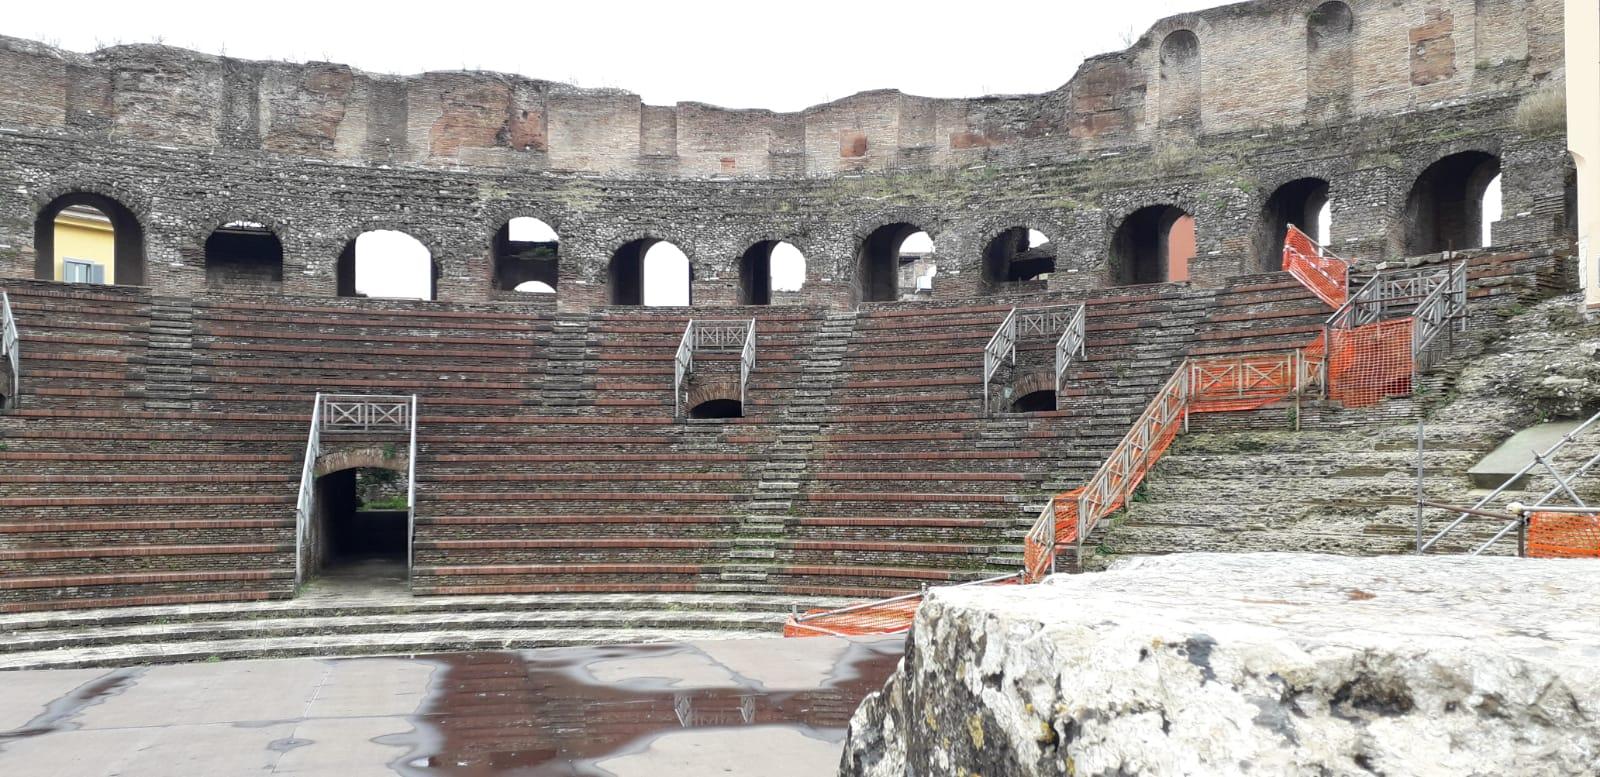 Benevento| Lunedì 25 novembre la Giornata internazionale per l'eliminazione della violenza contro le donne: ingresso gratuito al Teatro Romano e Museo Caudino